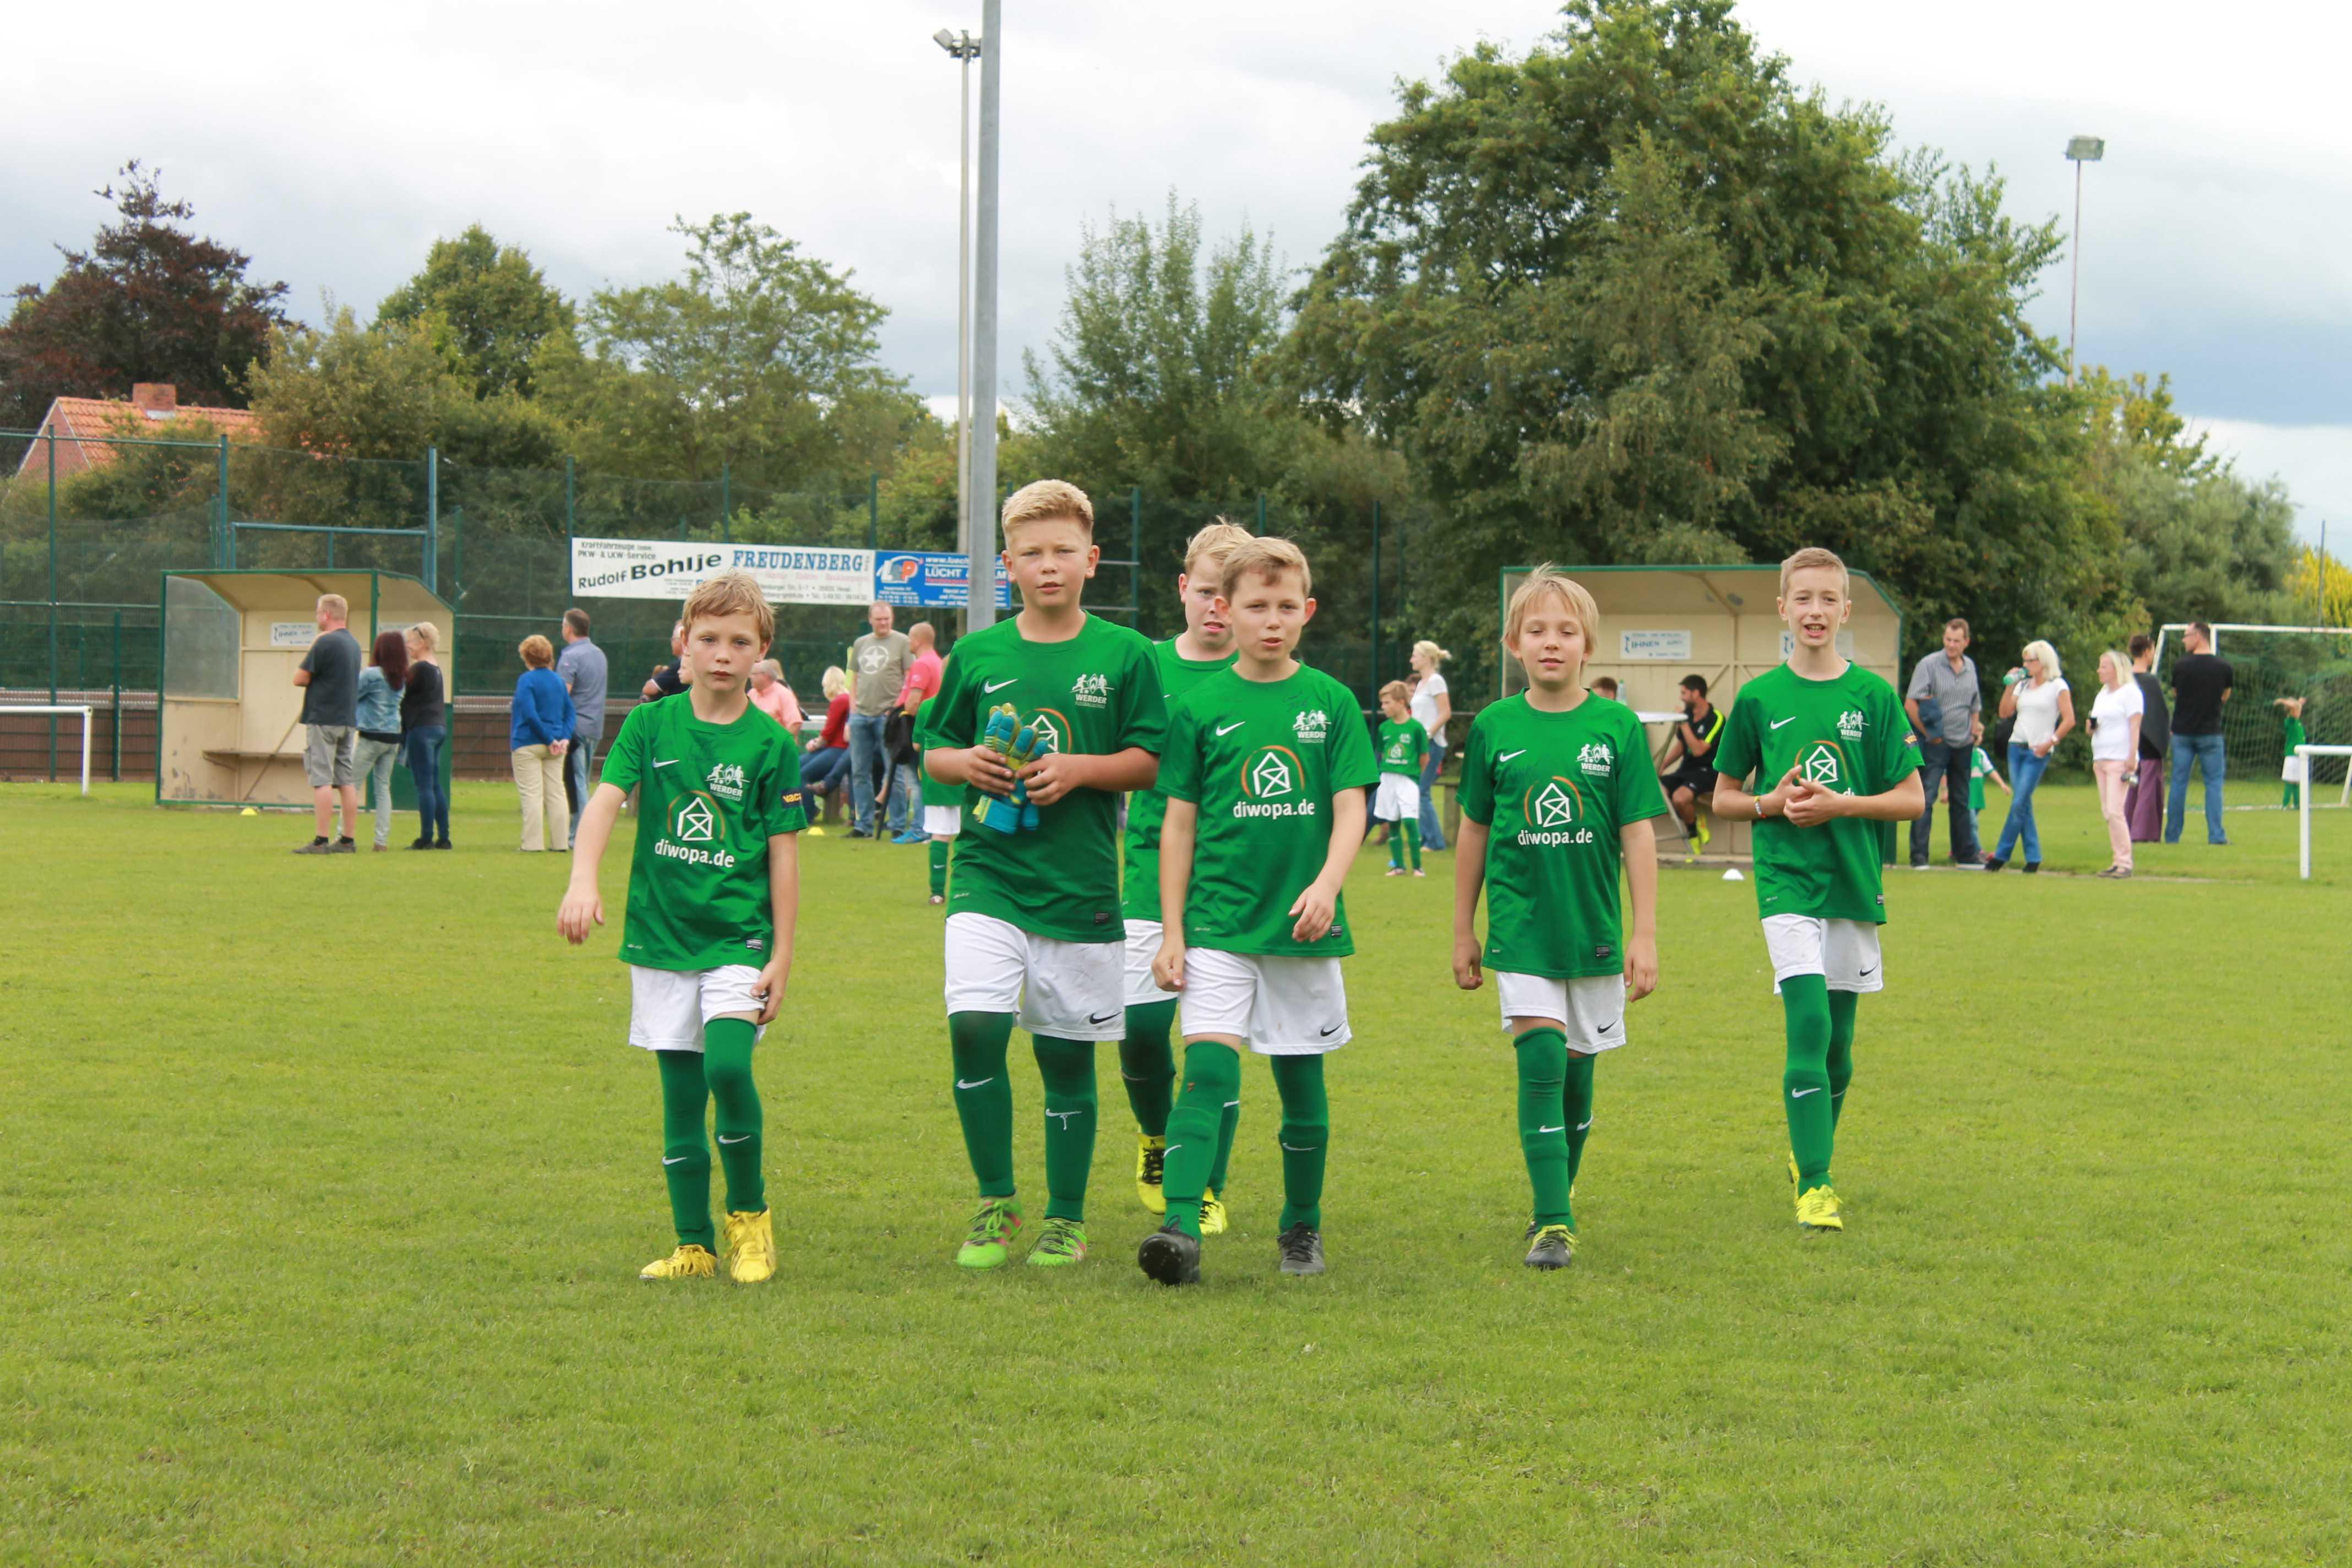 2016-08-14 Werder CAMPontour - Sonntag (66)